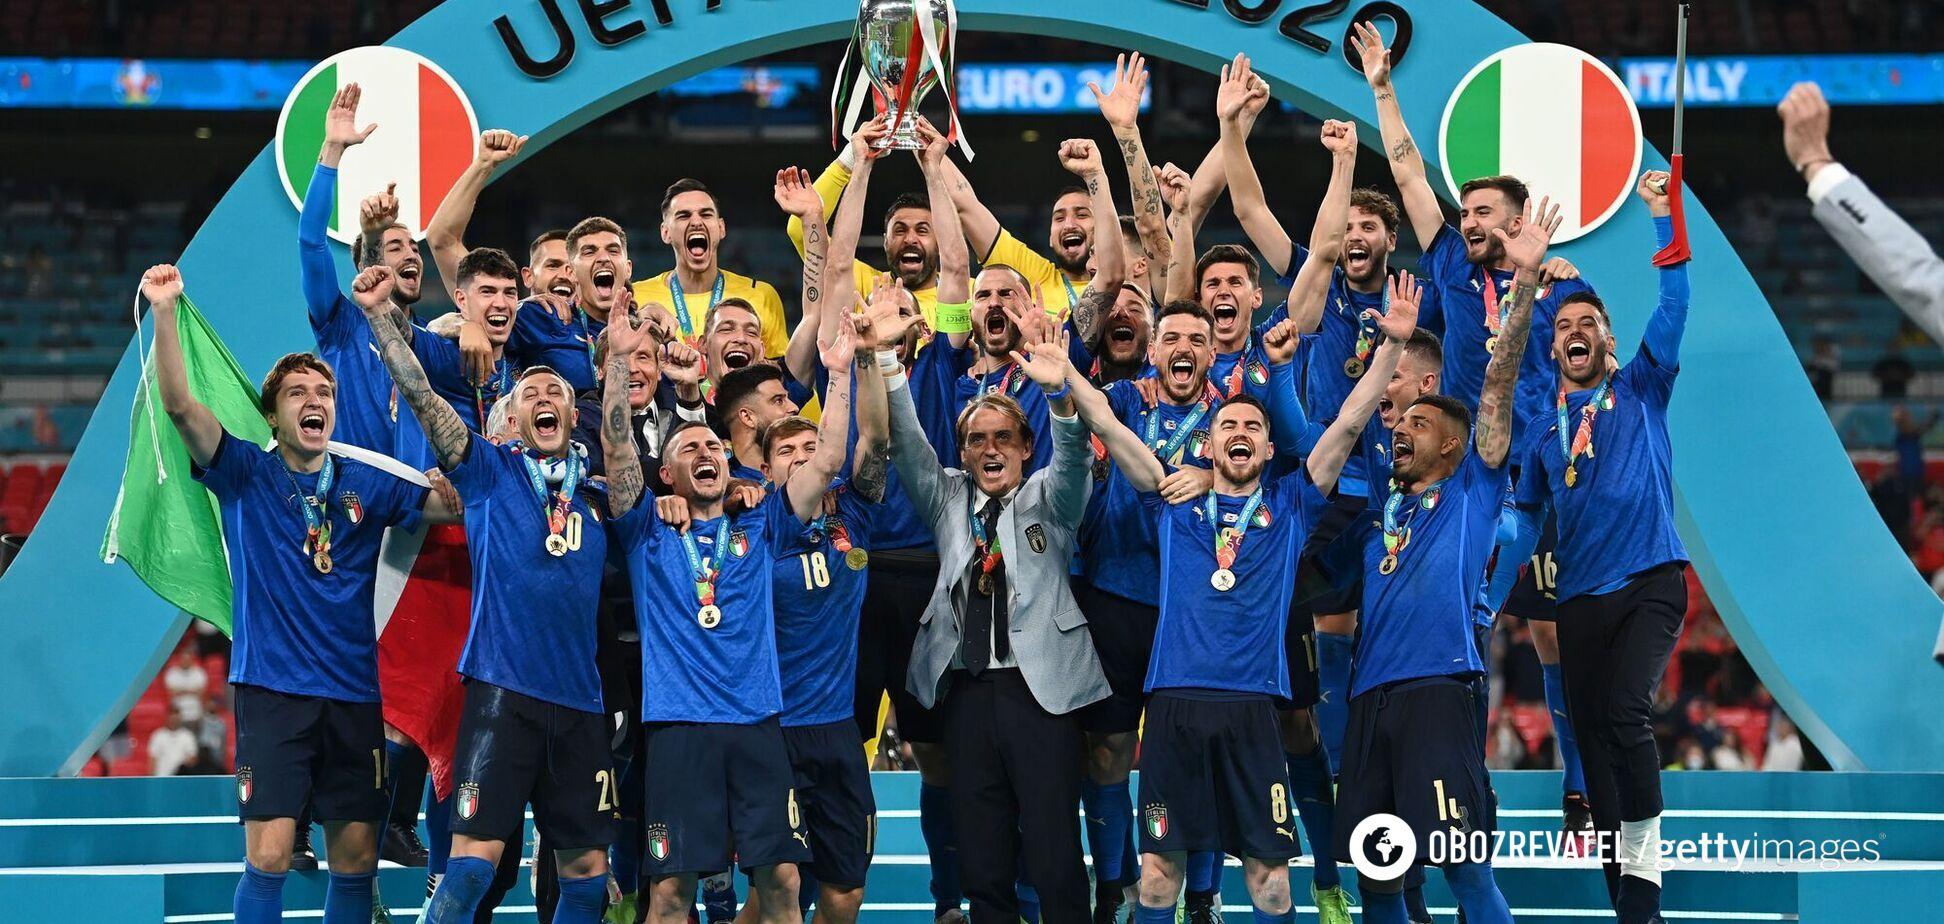 Евро-2020: неожиданные итоги и рекорд Шевченко